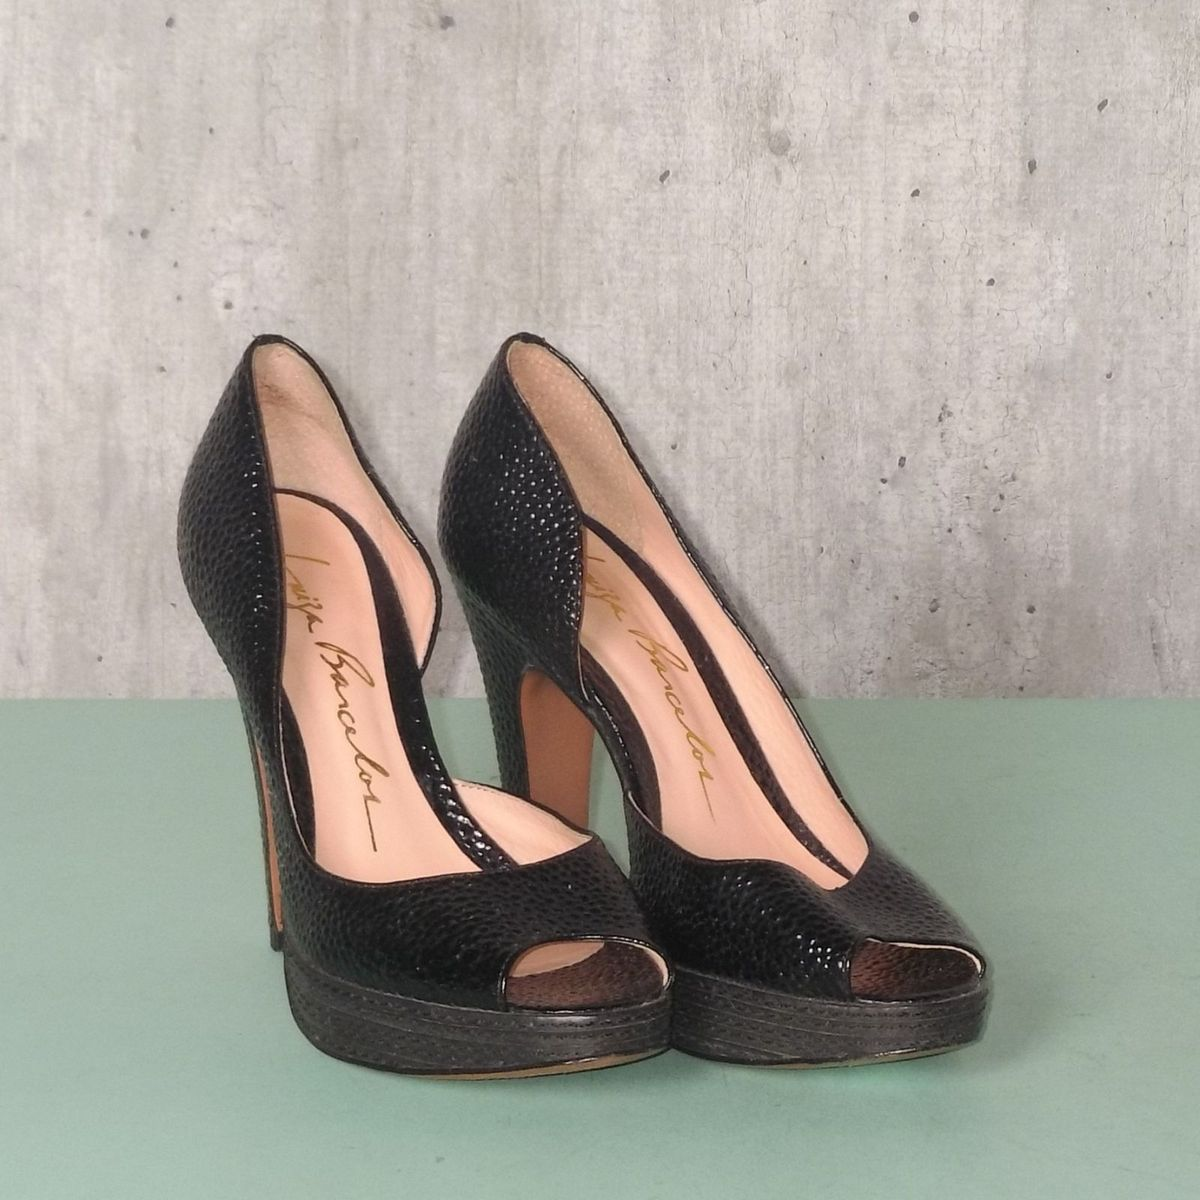 df0cb5c411 peep toe preto luiza barcelos - sapatos luiza barcelos